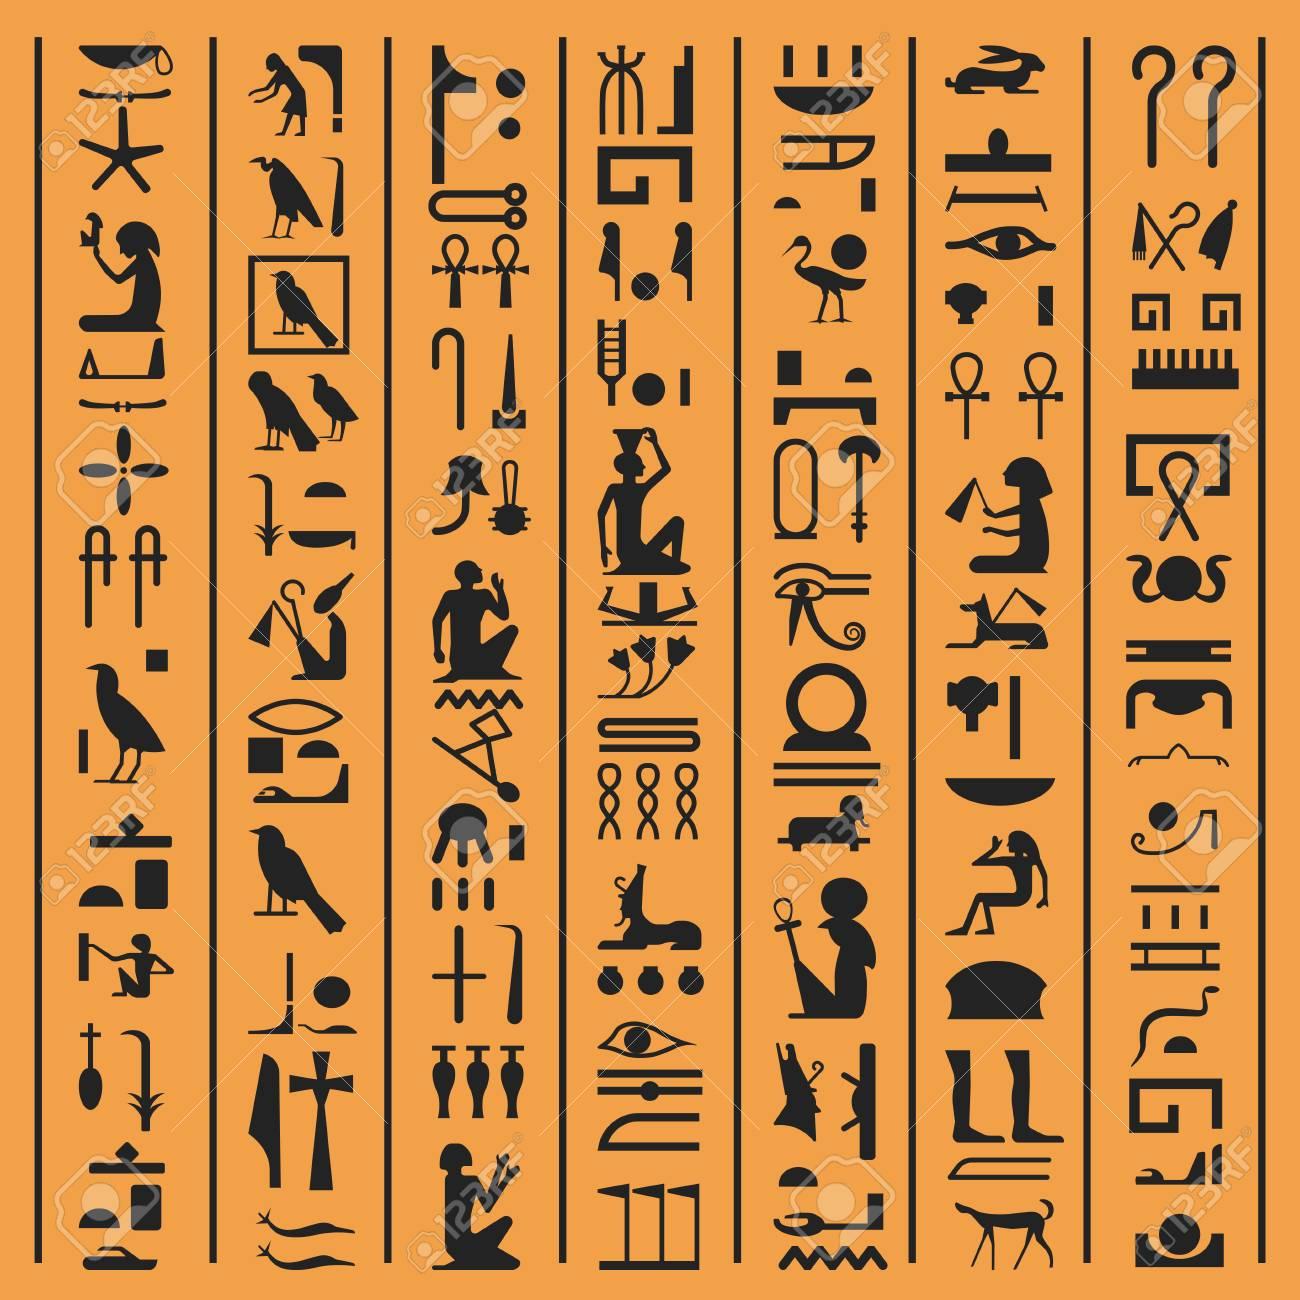 Брэдли Любящий: Великий обман человечества — Конец игры Начало Heiroglyphs